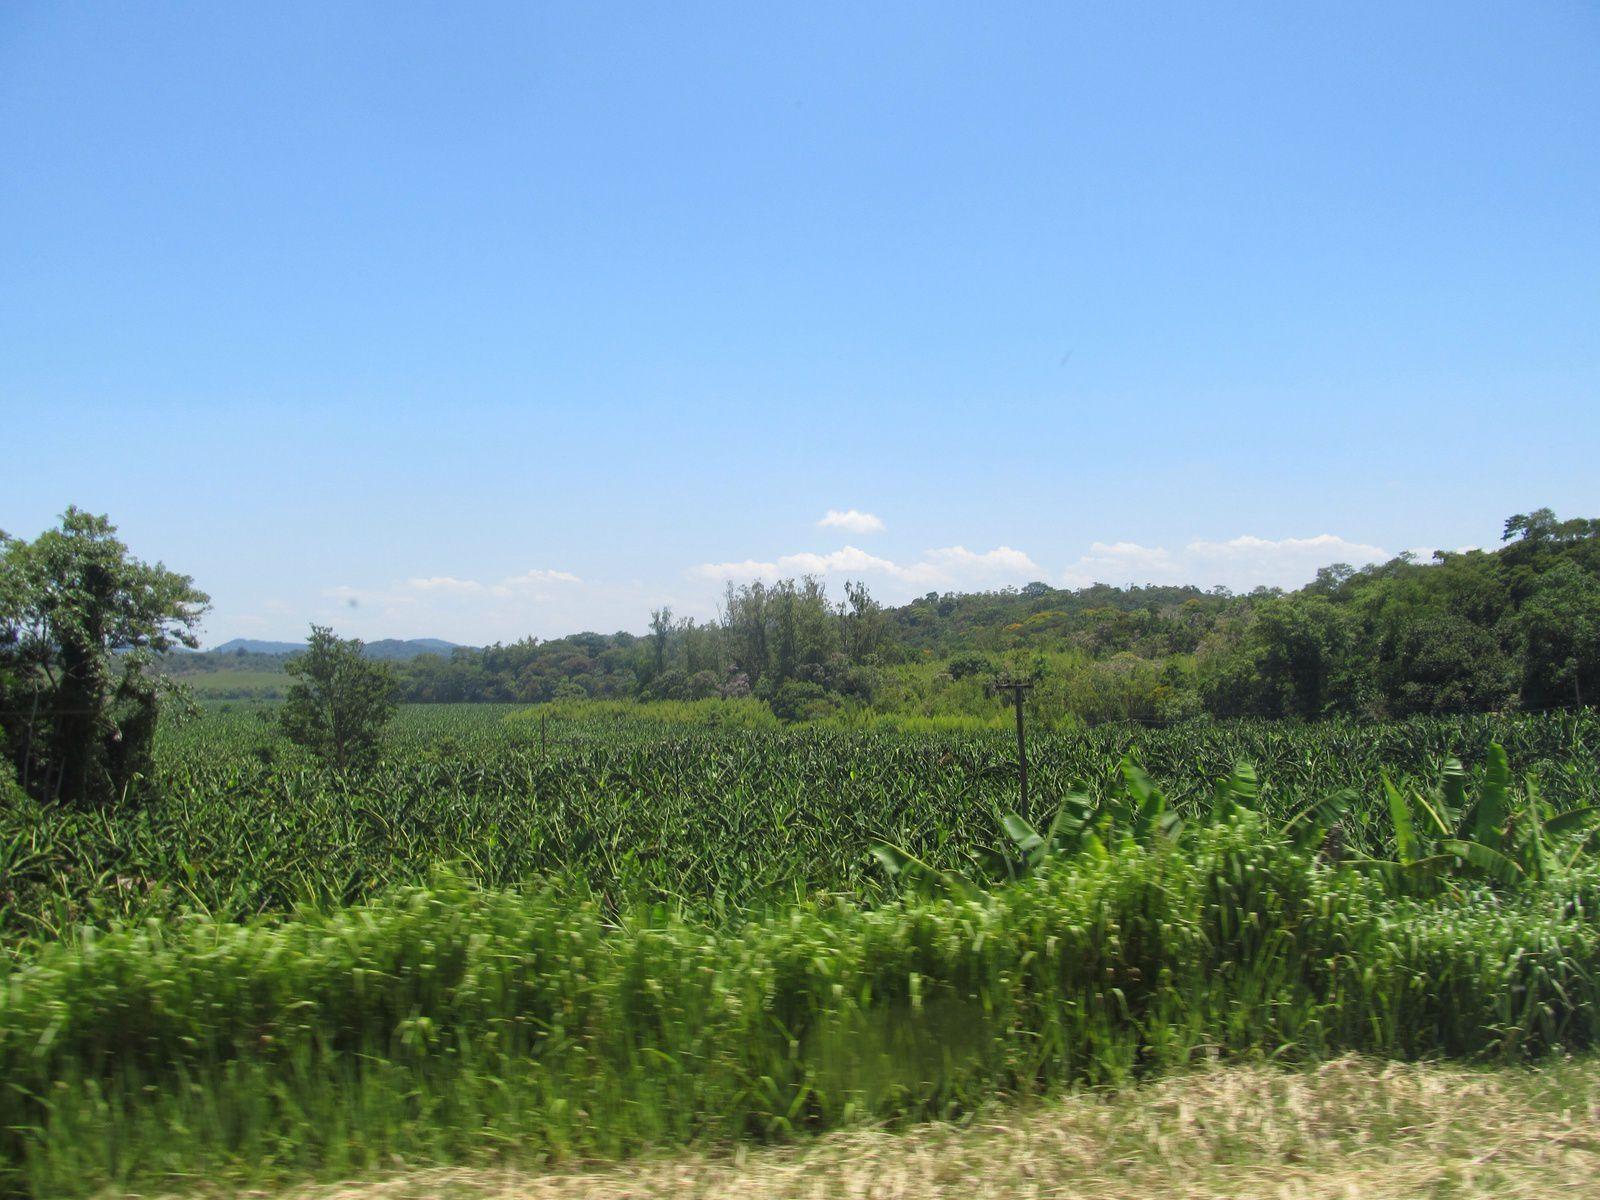 Très chaud dans le sud du BRÉSIL  ouf  quelle color  mamamia   !!!!!!!!!!!!!!